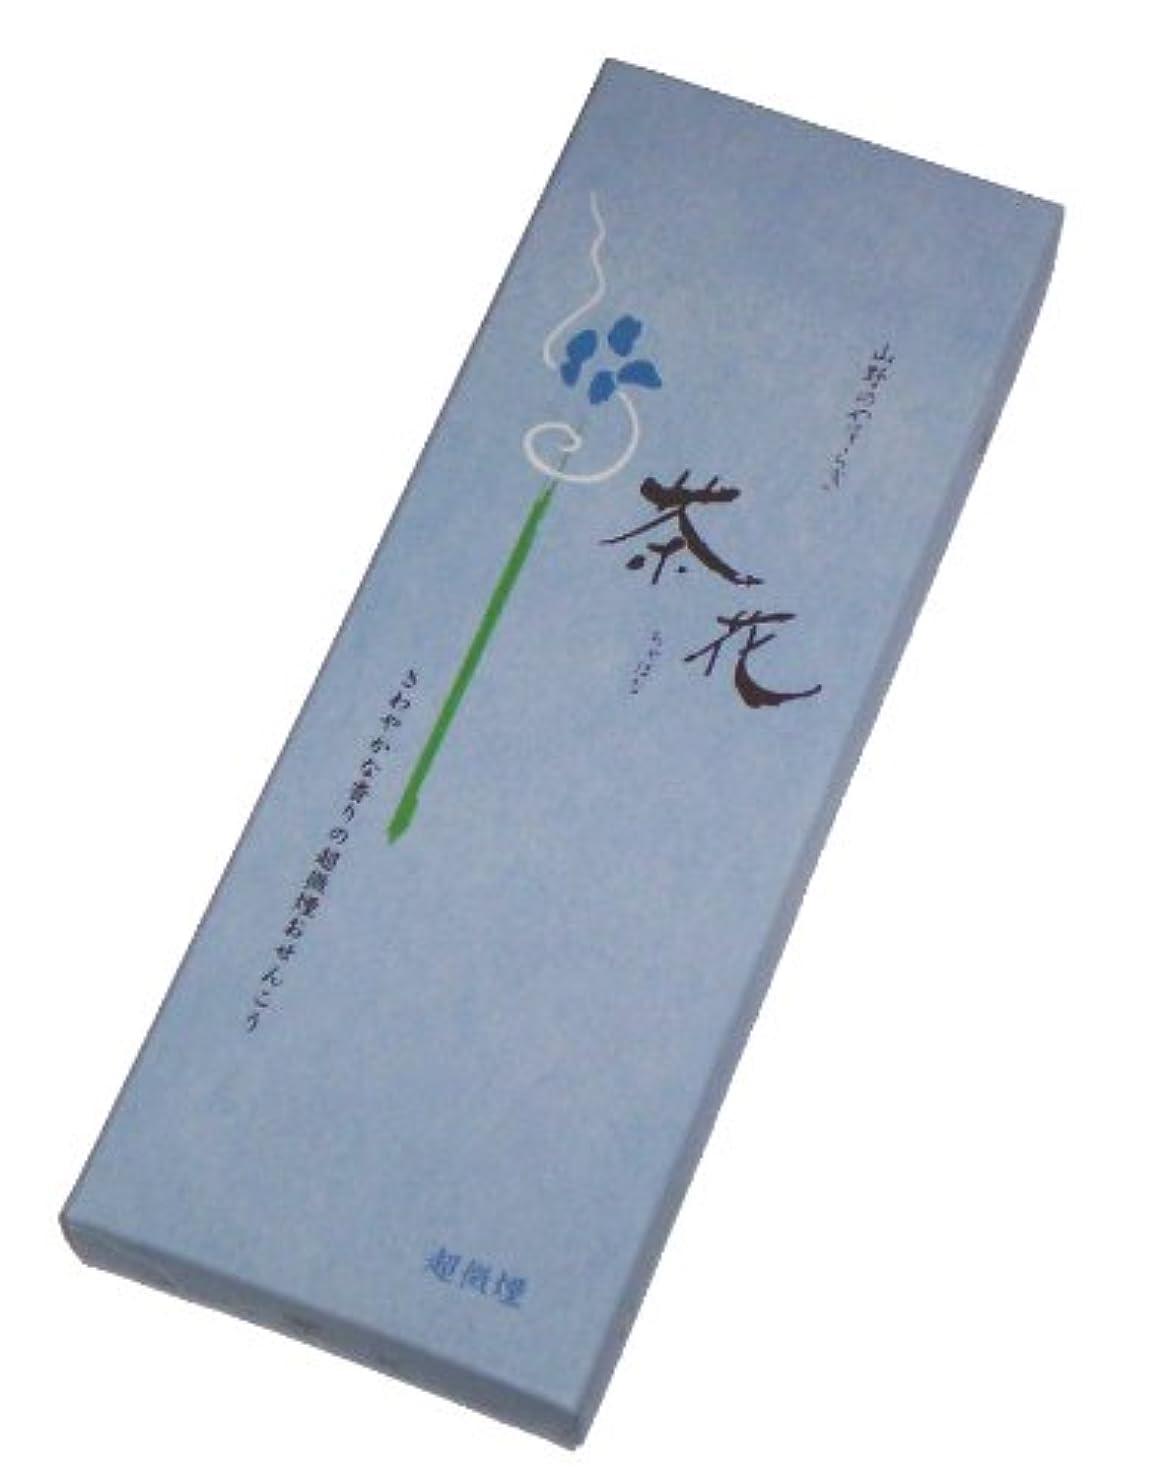 潤滑する違反する簡単に尚林堂のお線香 茶花 超微煙 長寸バラ